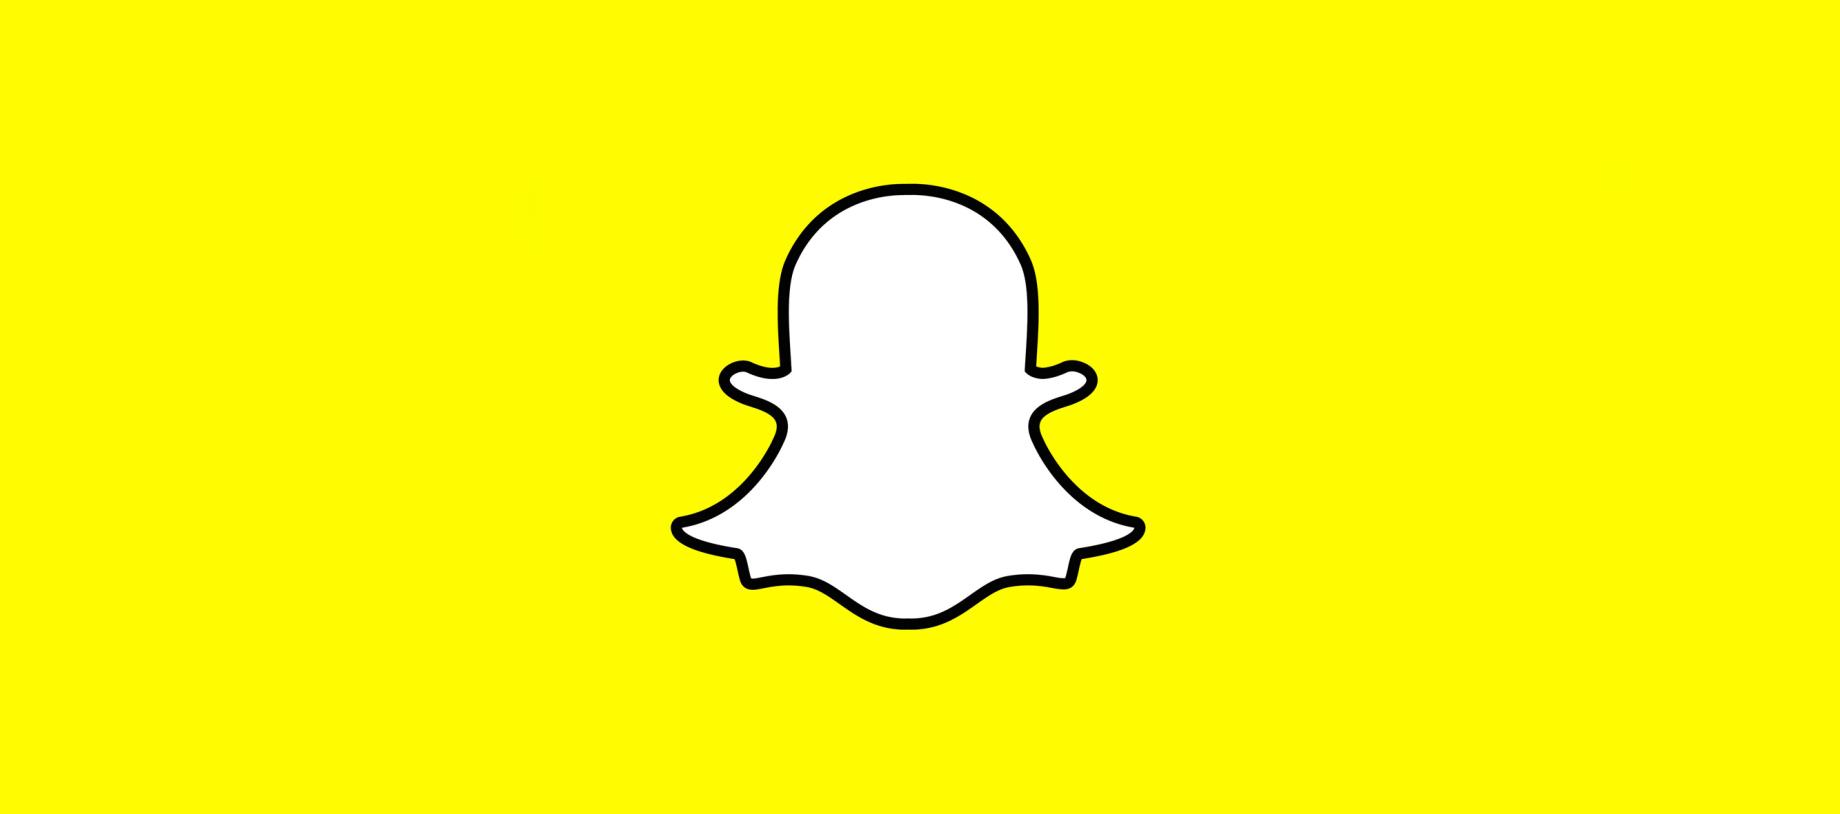 14.10.13_Snapchat_photo_leak-1840x814